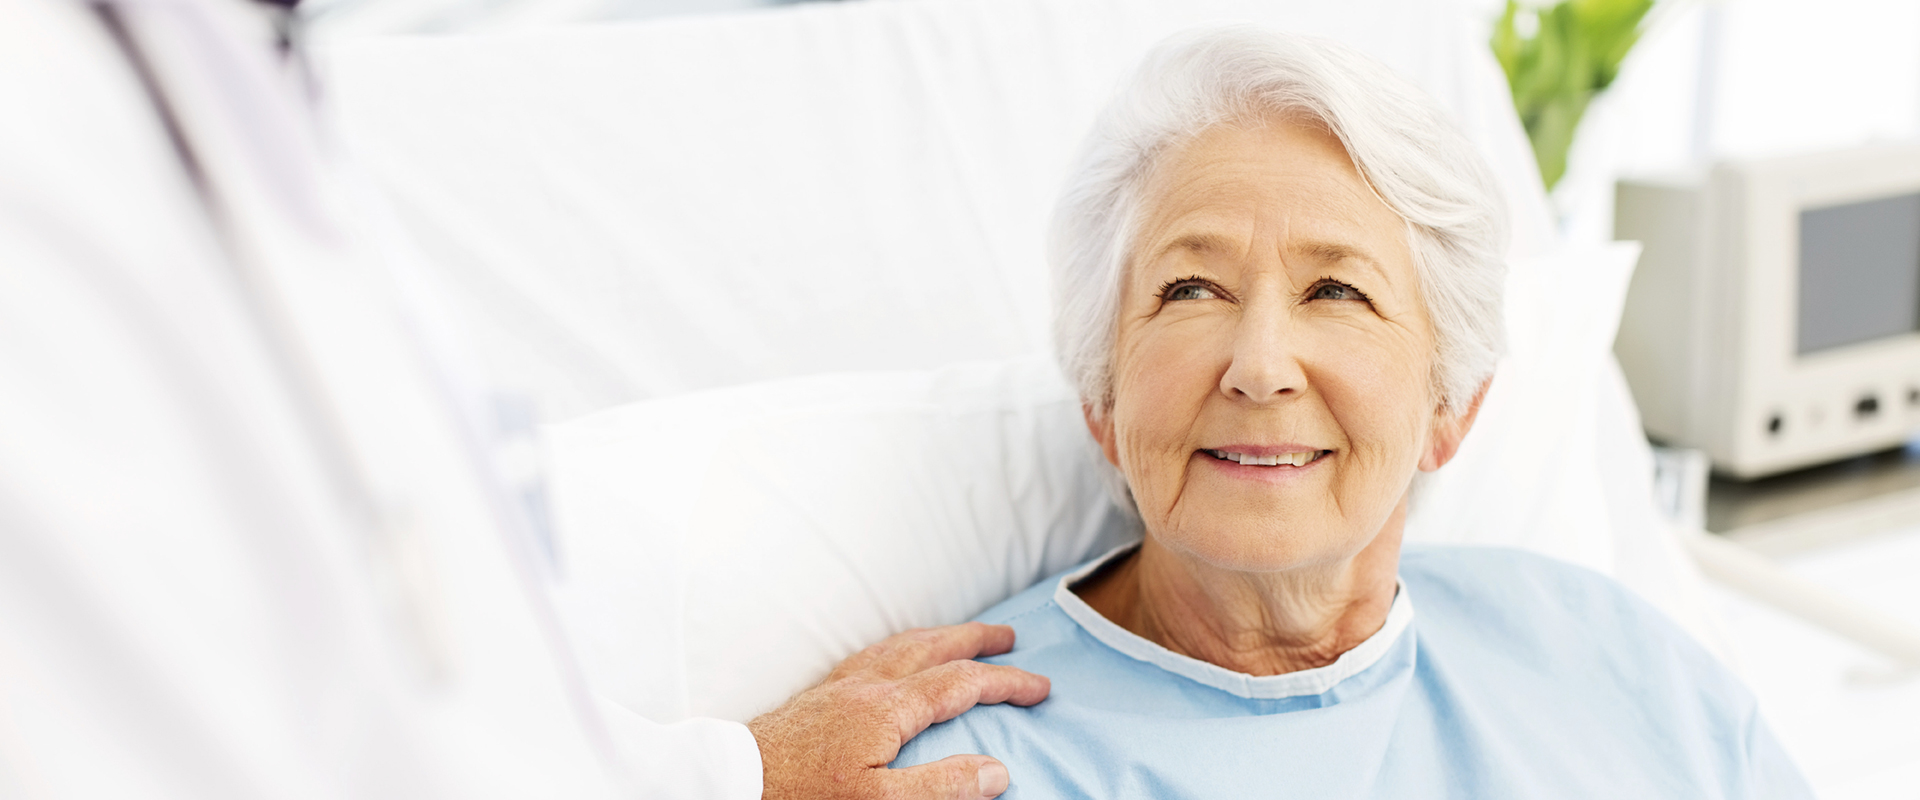 La fiducia verso il proprio medico, migliora l'efficacia delle cure!